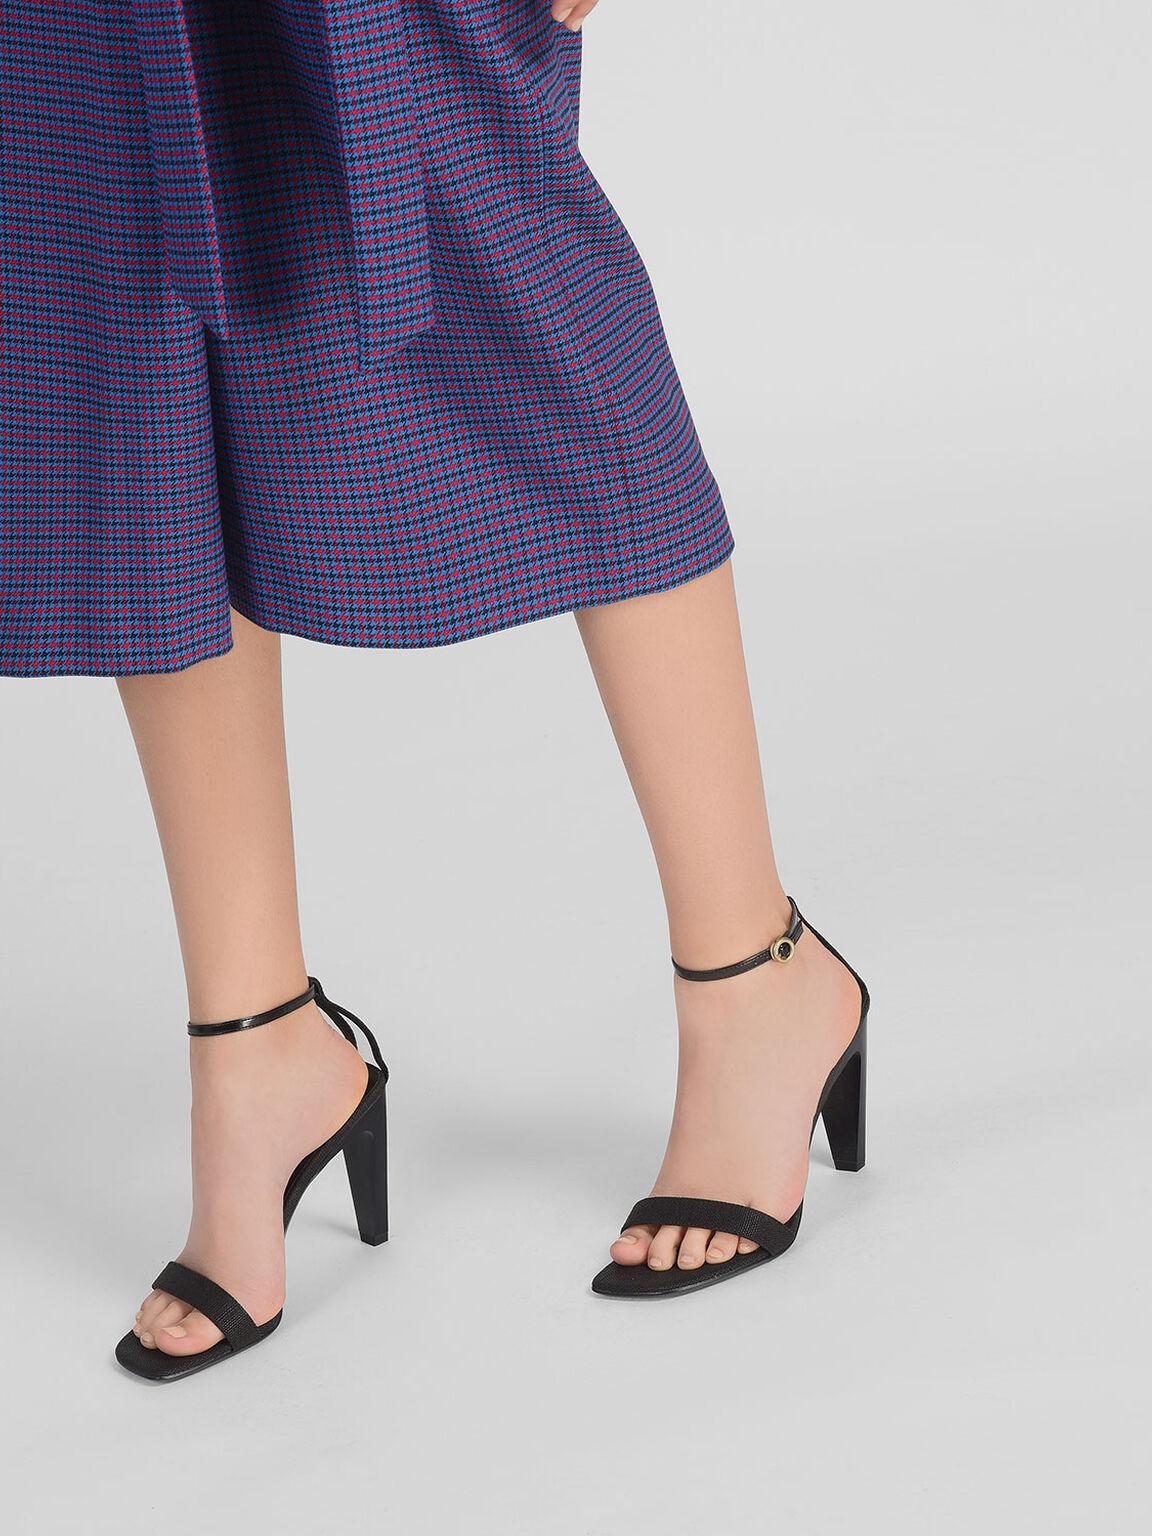 Ankle Strap Heels, Black, hi-res